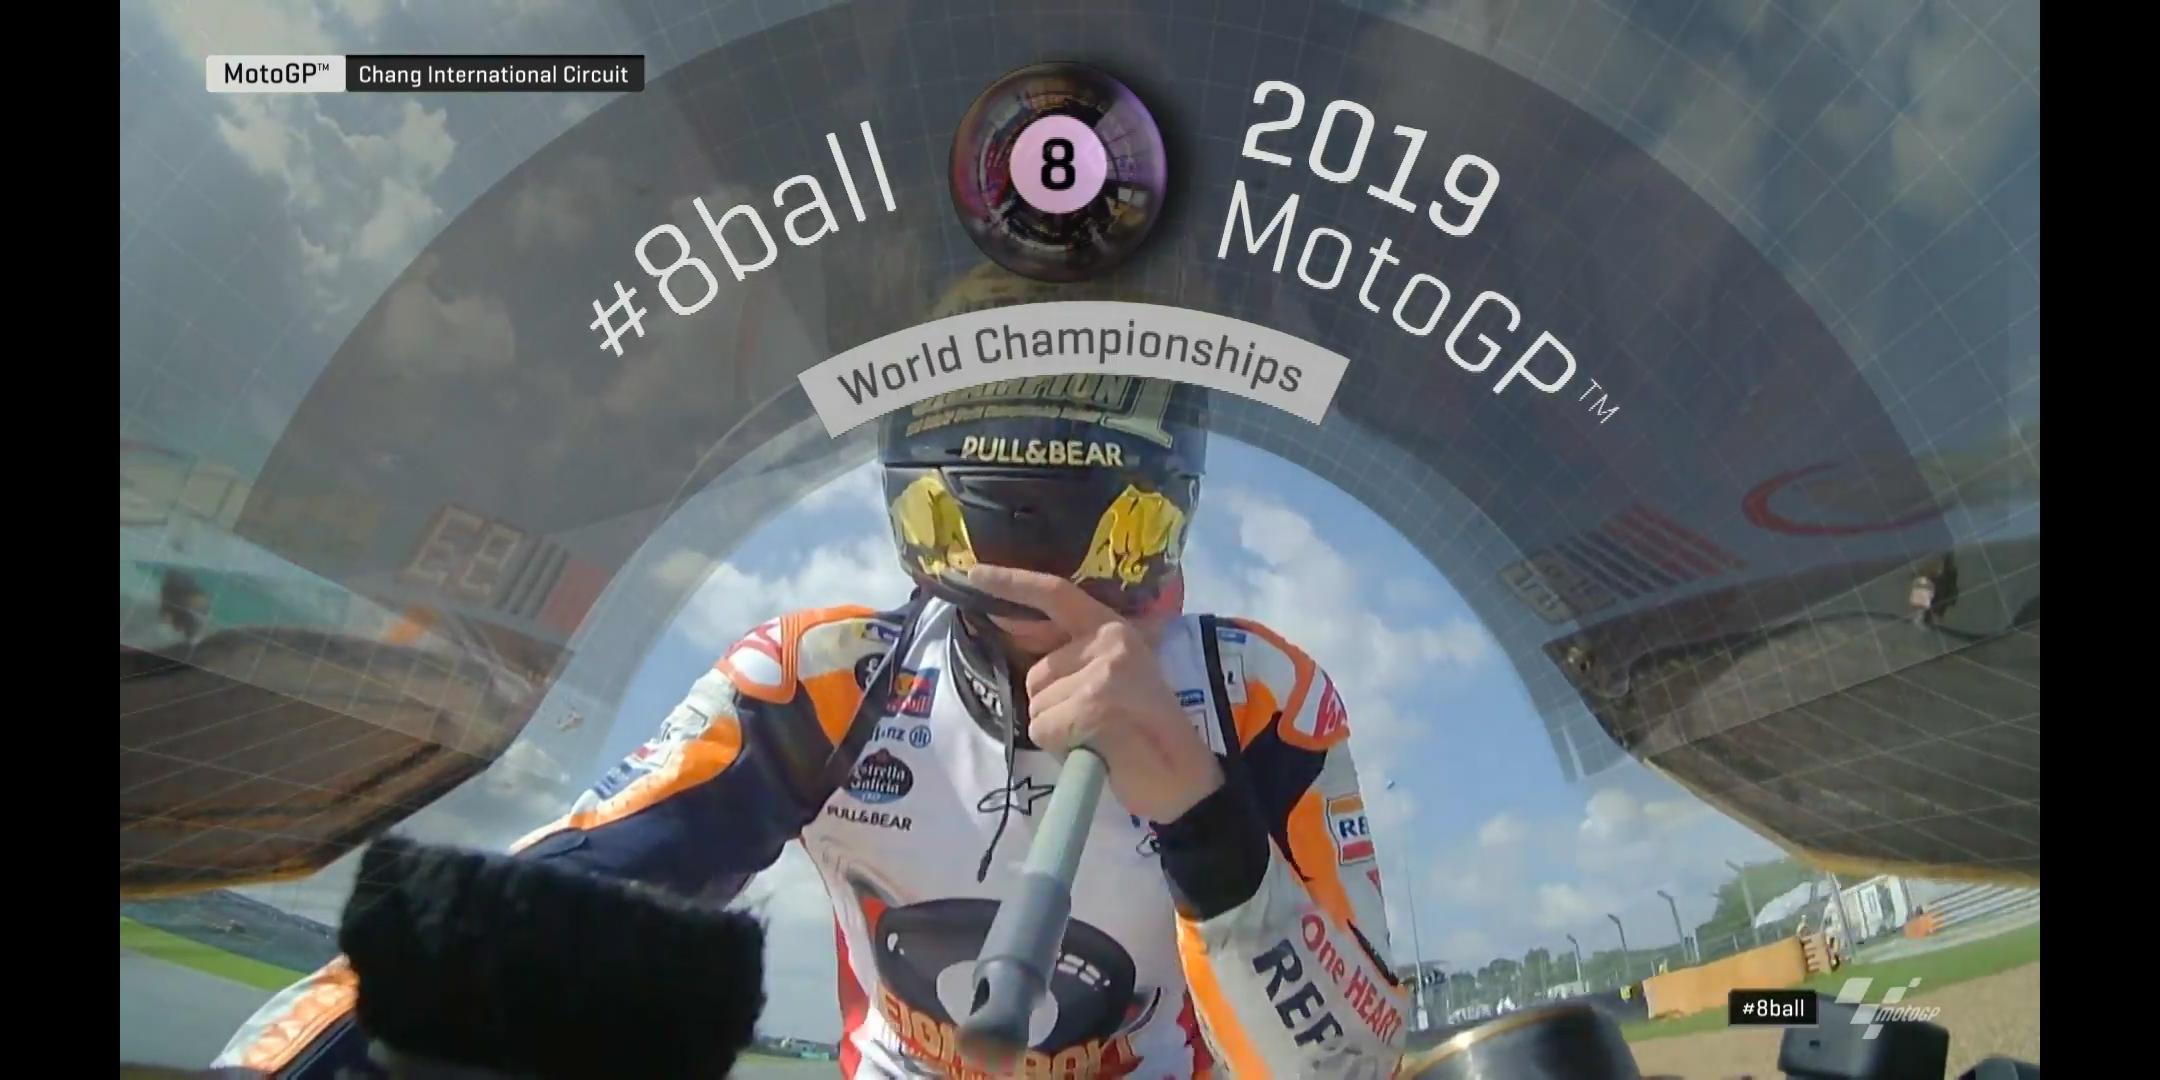 マルケスMOTO GP2019年シーズンチャンピオン決定!